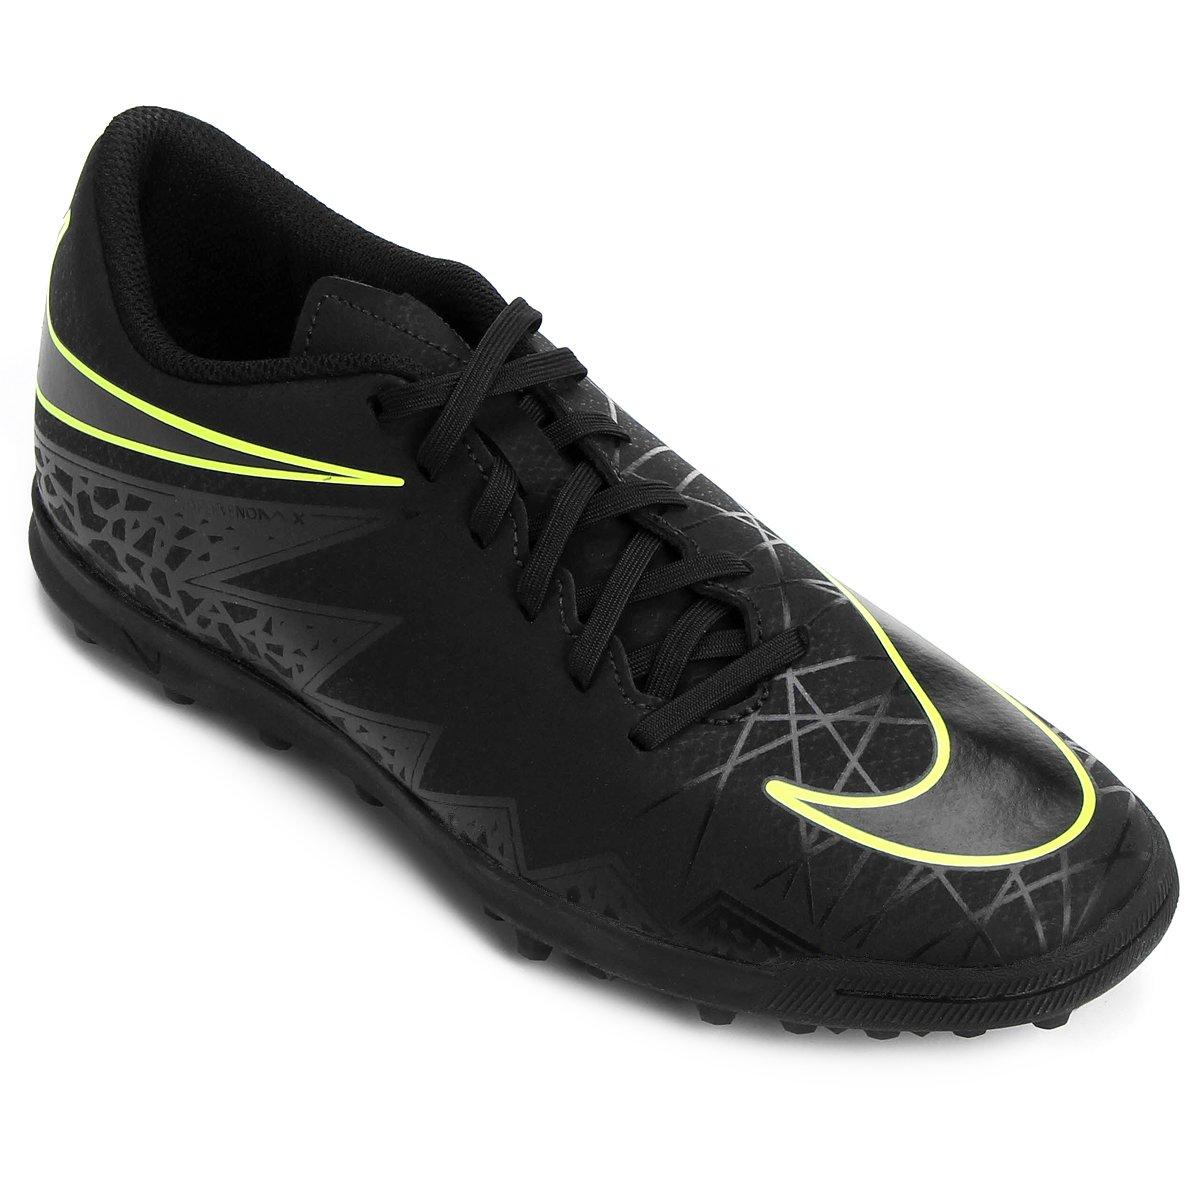 Chuteira Society Nike Hypervenom Phade 2 TF - Compre Agora  a23b735ceb8f6